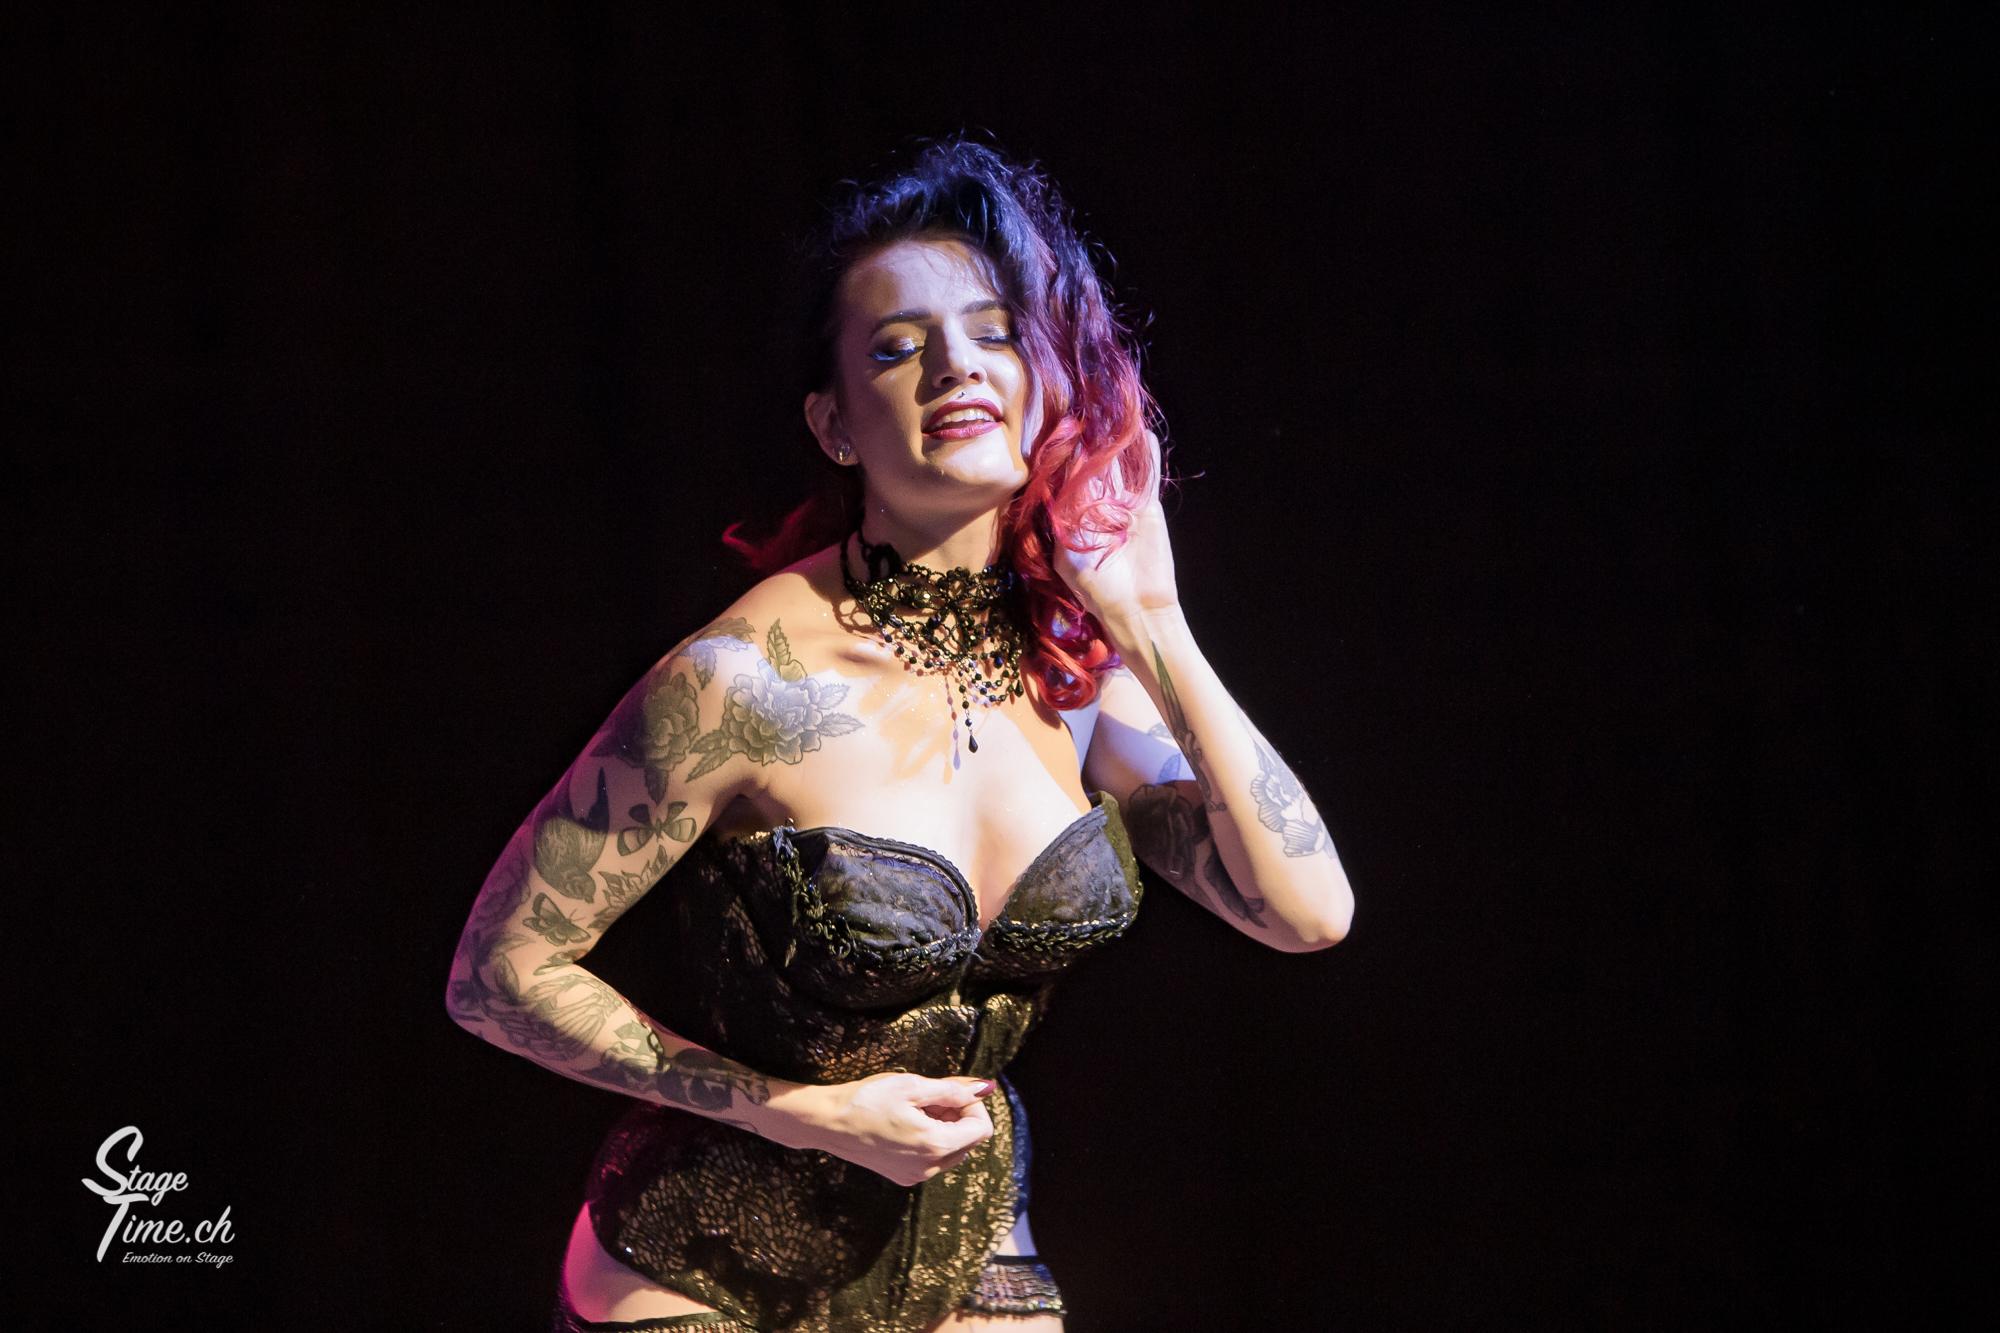 Rebelle_Bettie___Burlesque_Show_au__Citr